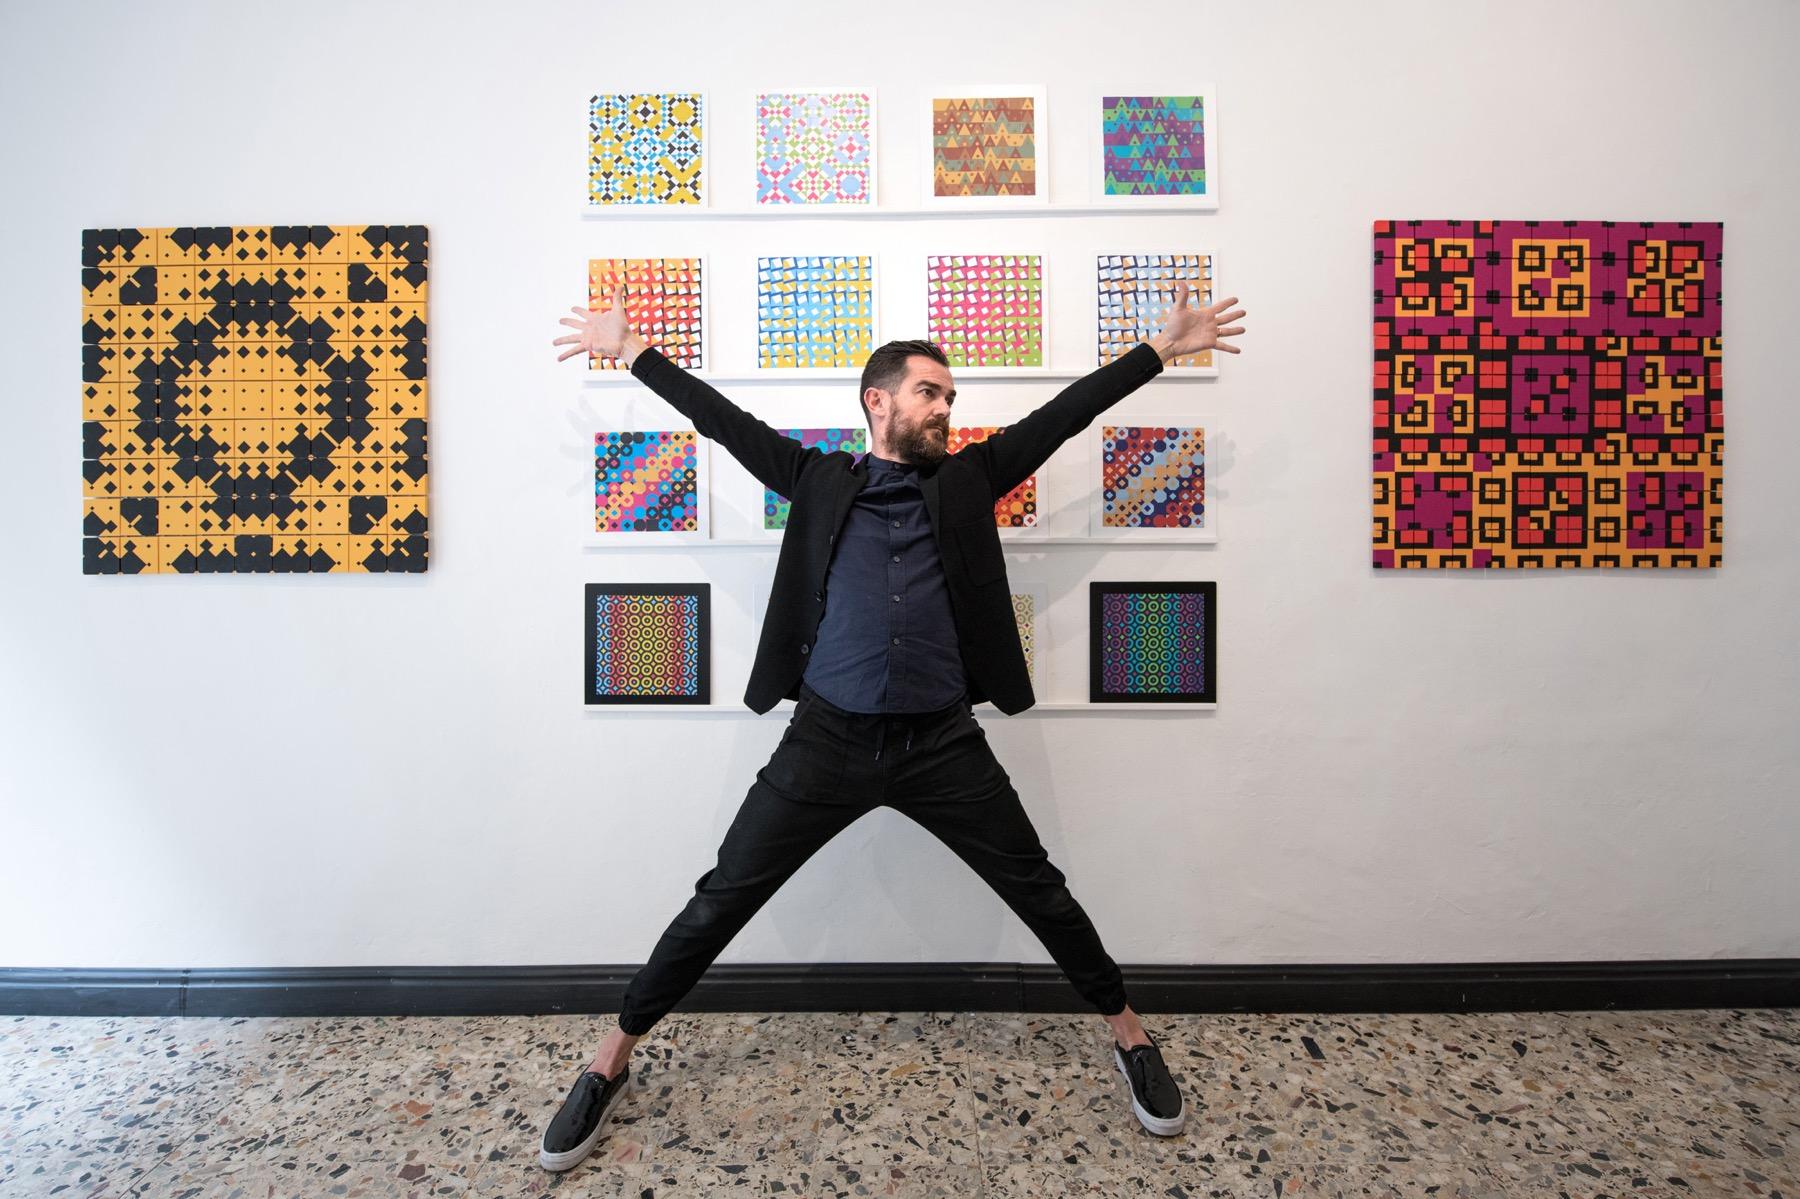 Intervista ai fondatori di Wild Mazzini, la prima galleria d'arte dedicata all'information design